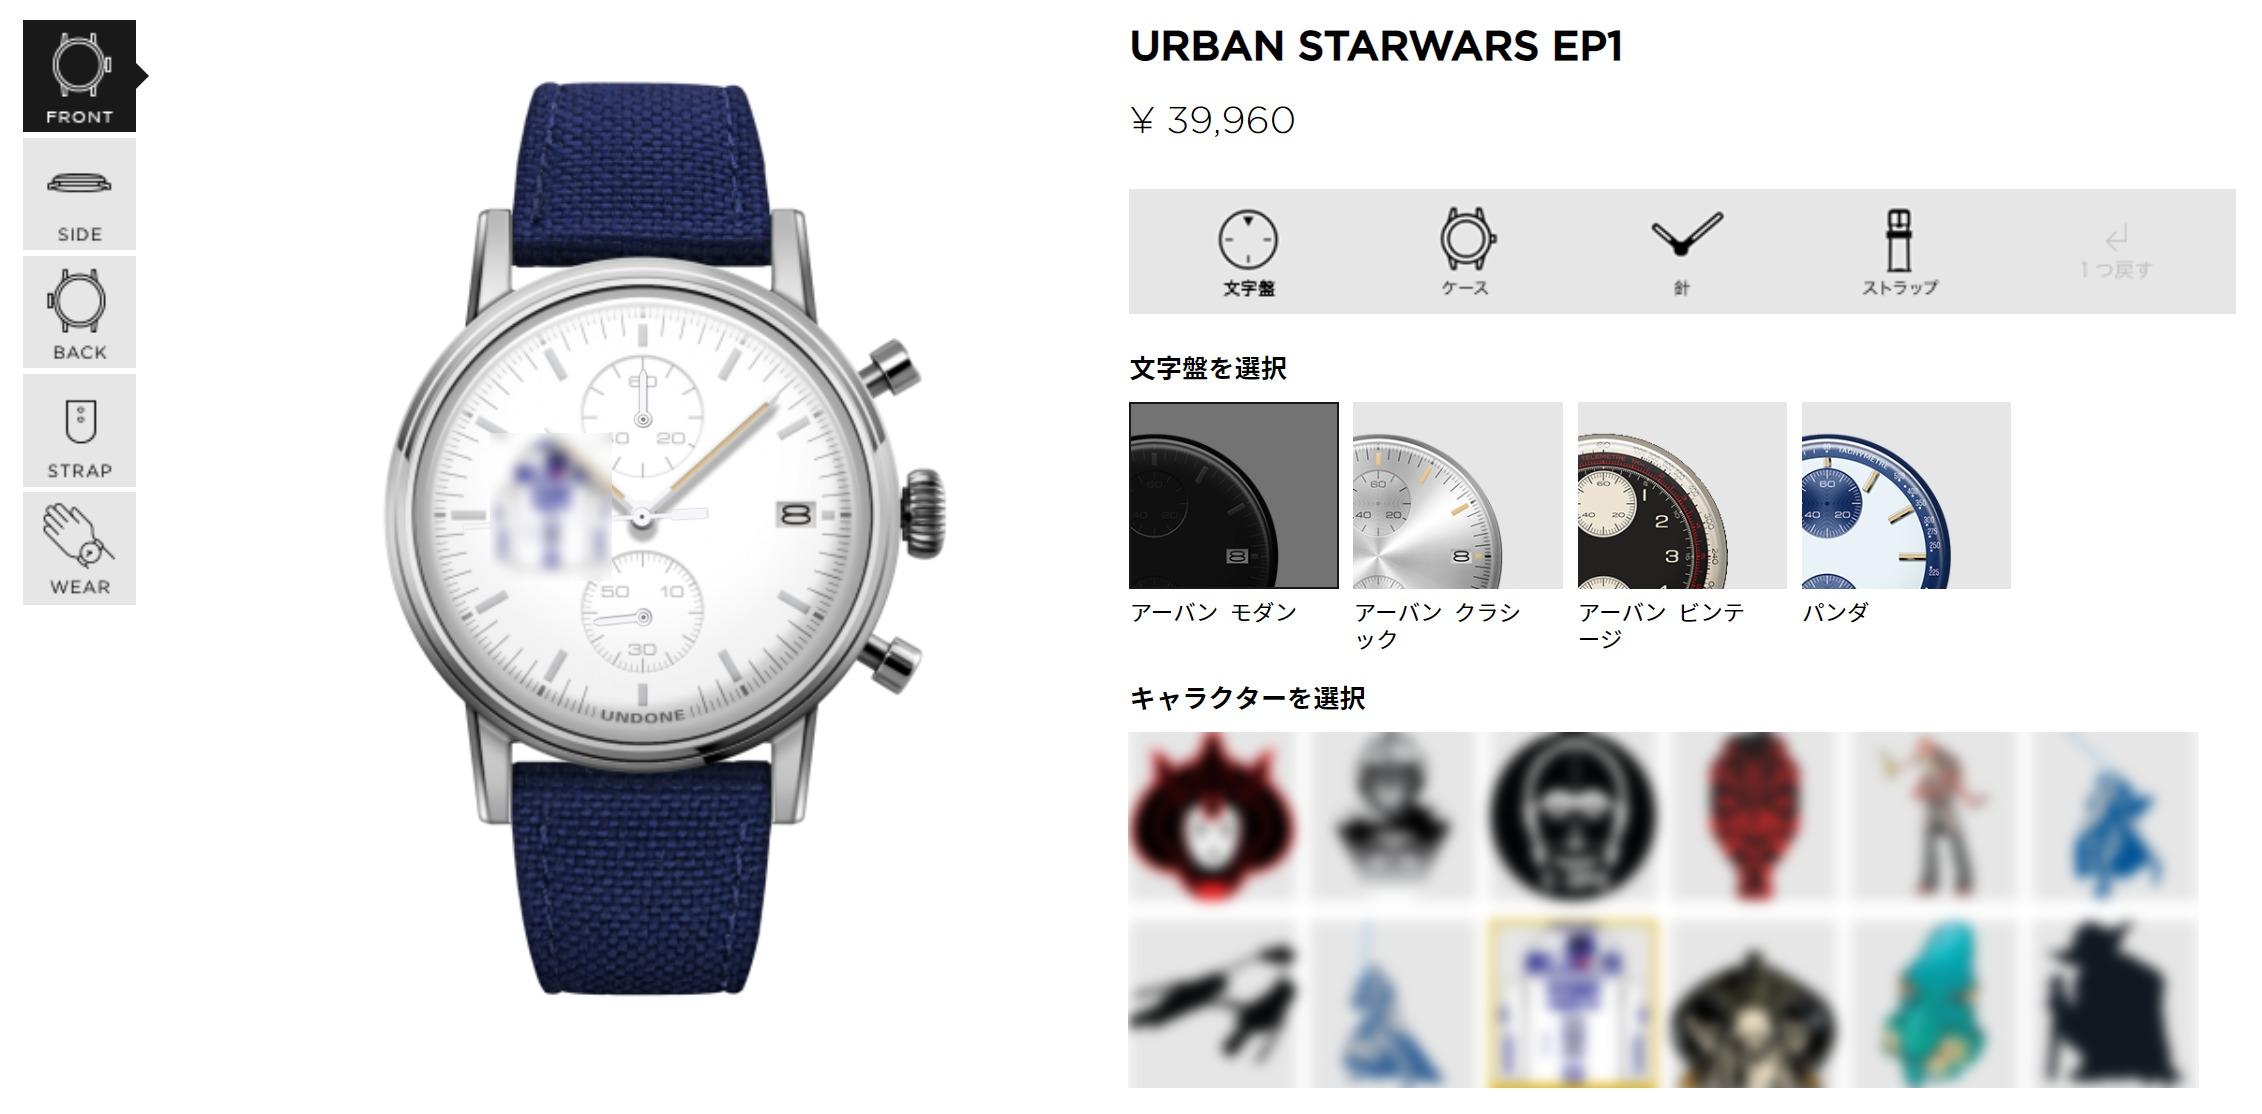 スターウォーズ コラボ腕時計 カスタマイズ画面